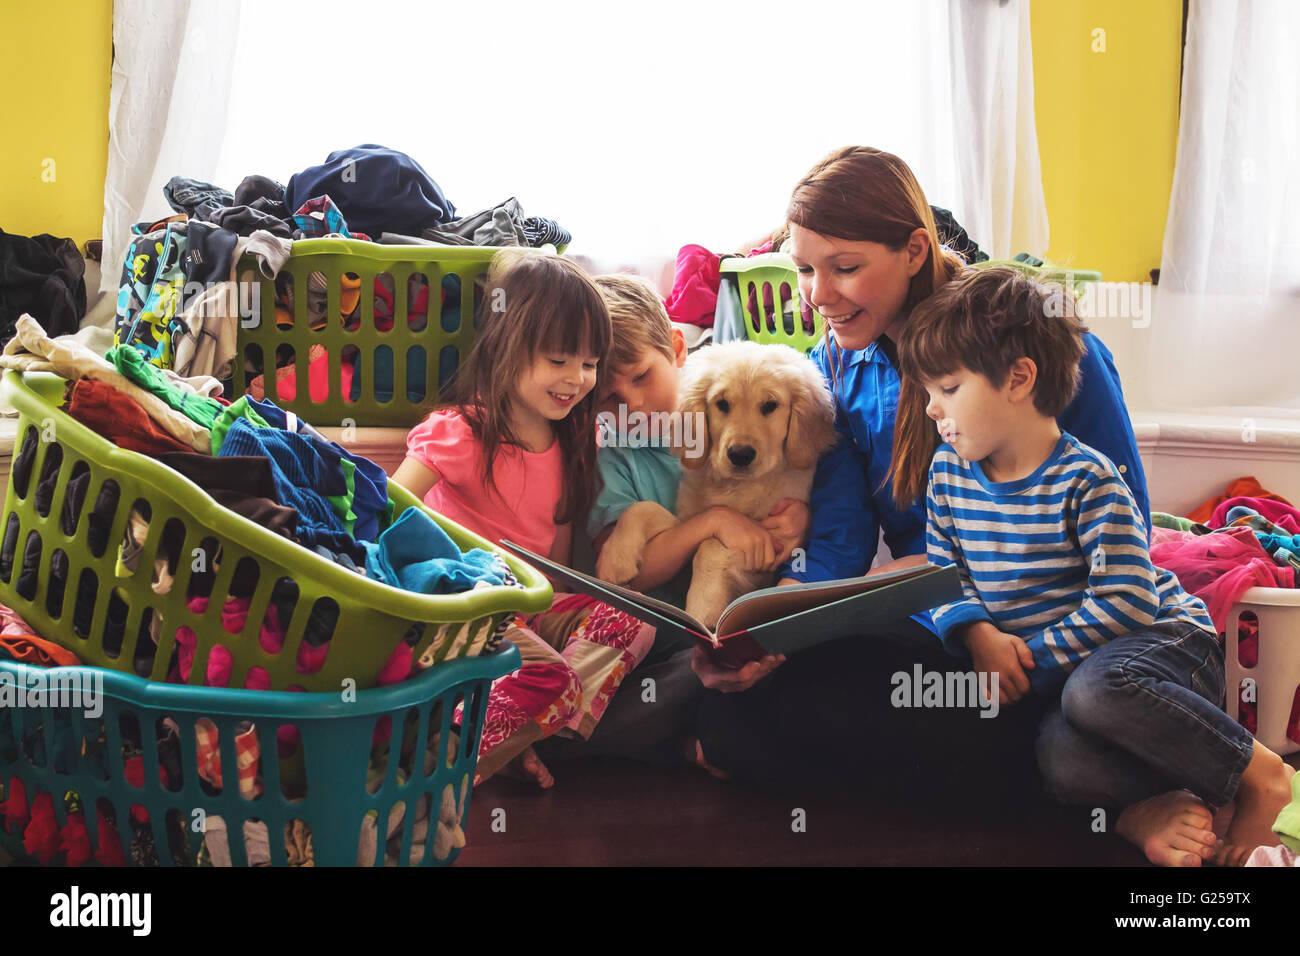 Smiling mother lecture à trois enfants et chiot golden retriever dog entouré de paniers à linge Photo Stock